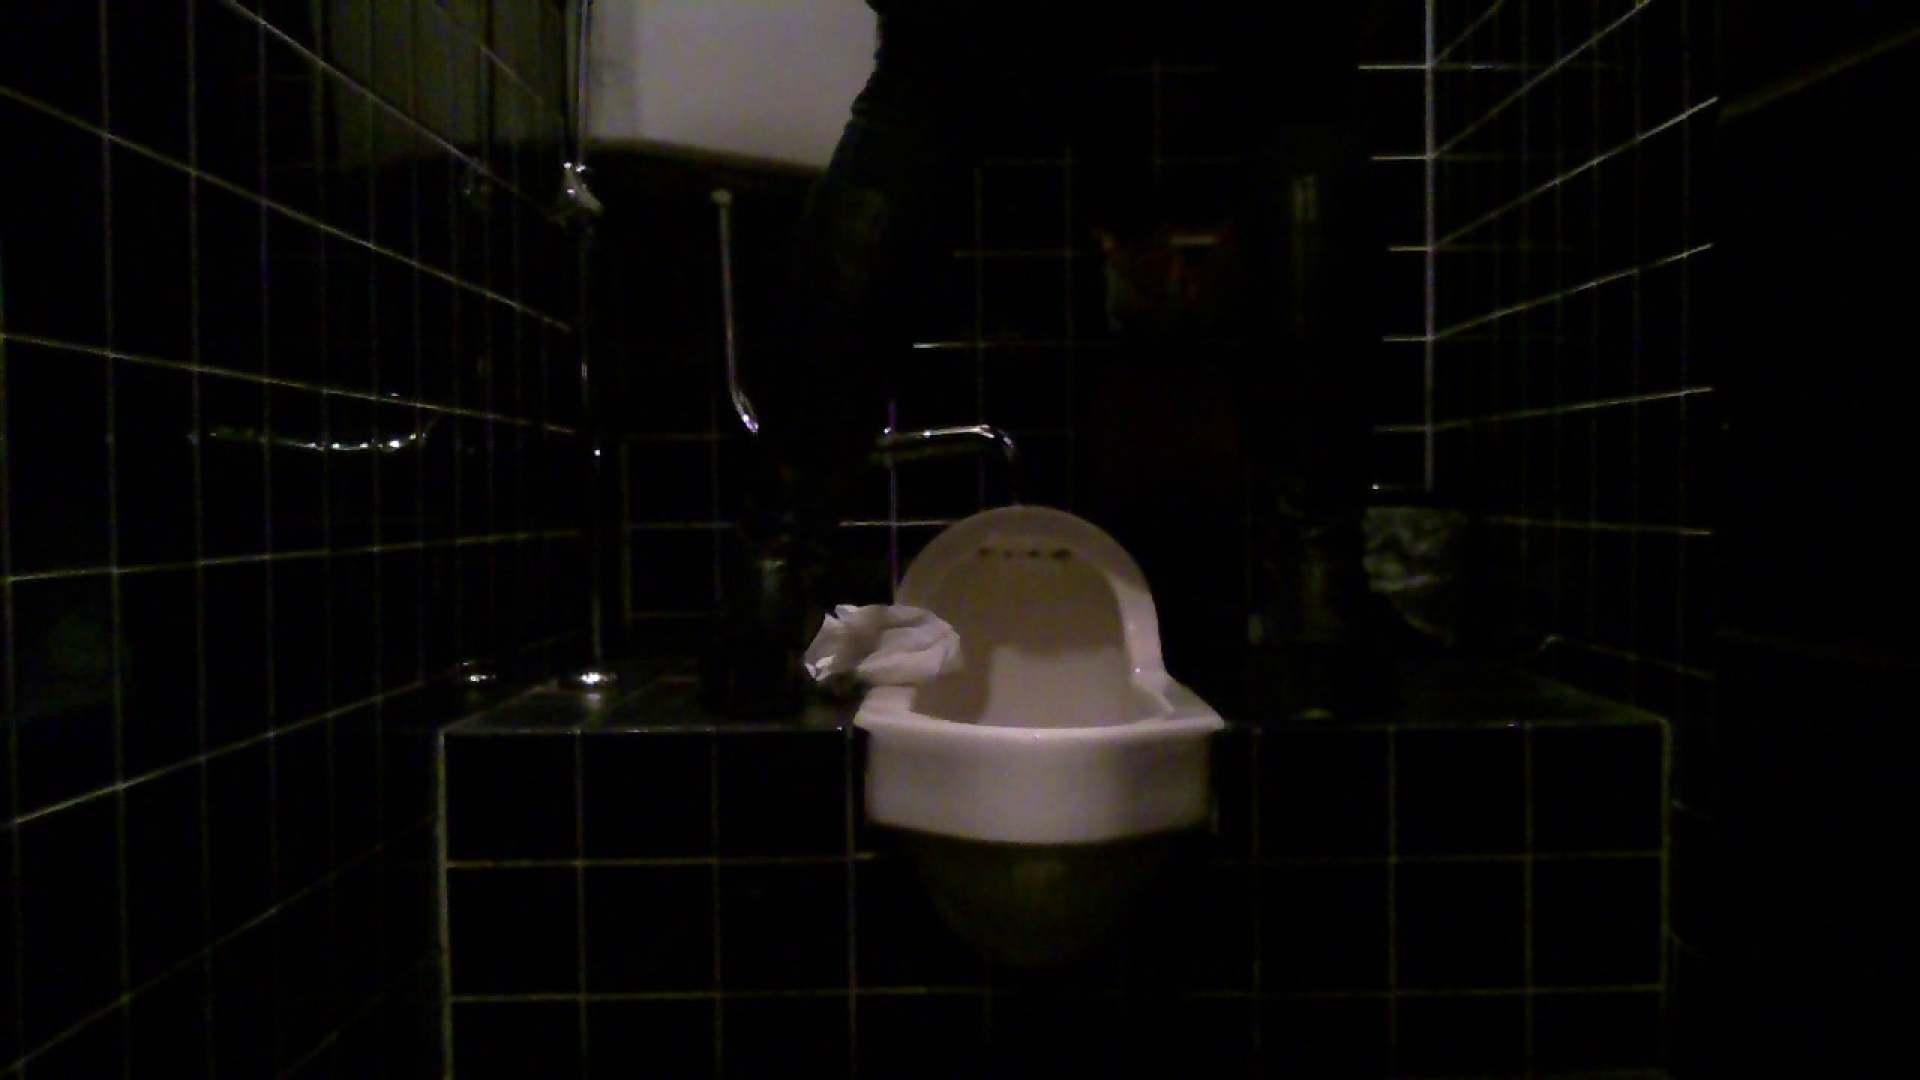 美女の集まる飲み屋洗面所 vol.05 美女ヌード | OLセックス  79画像 43